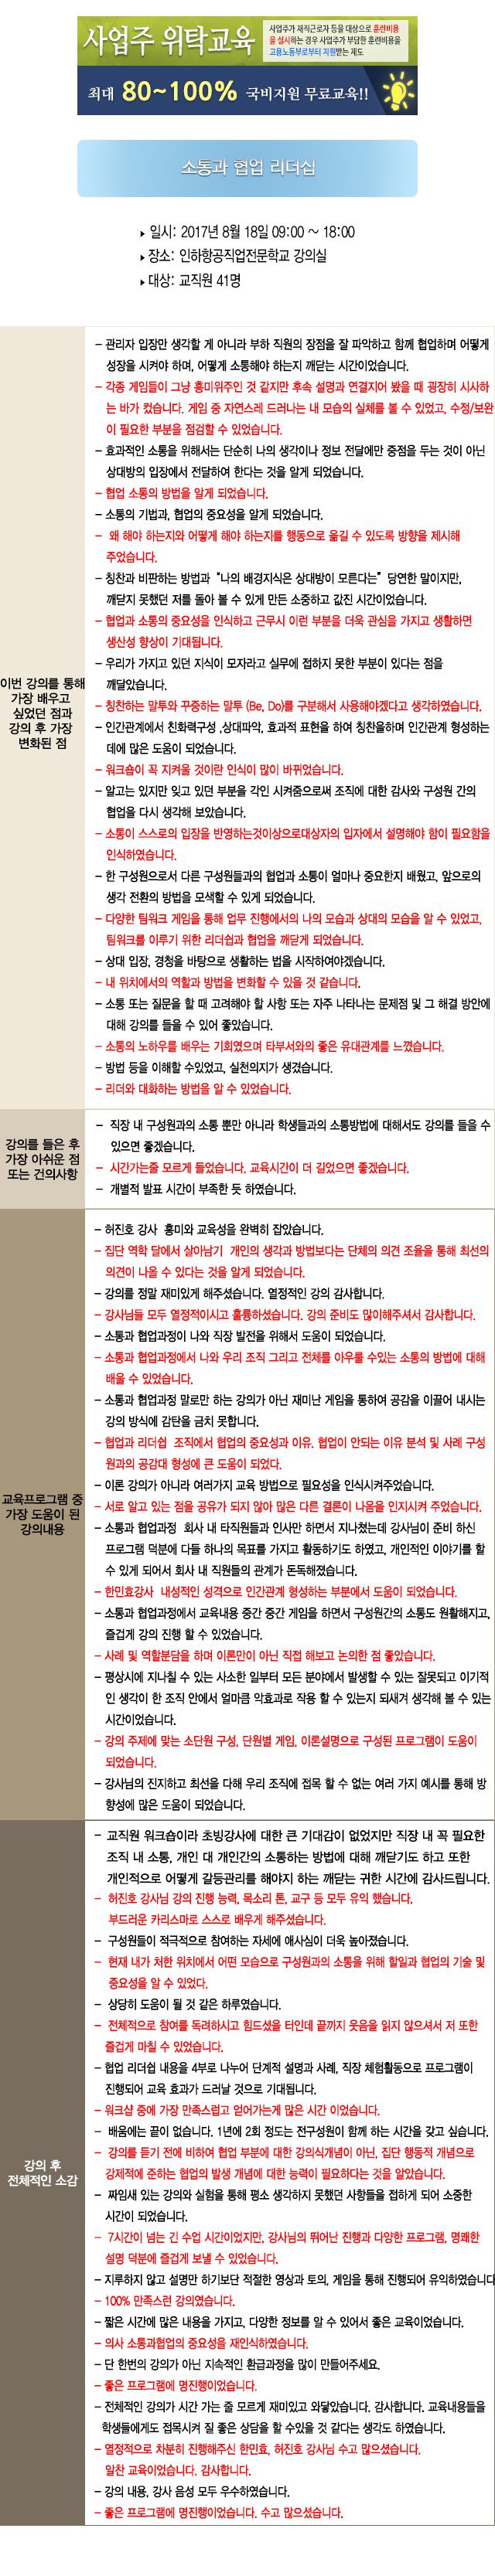 한국중앙인재개발원 후기 인하항공직업전문학교.jpg